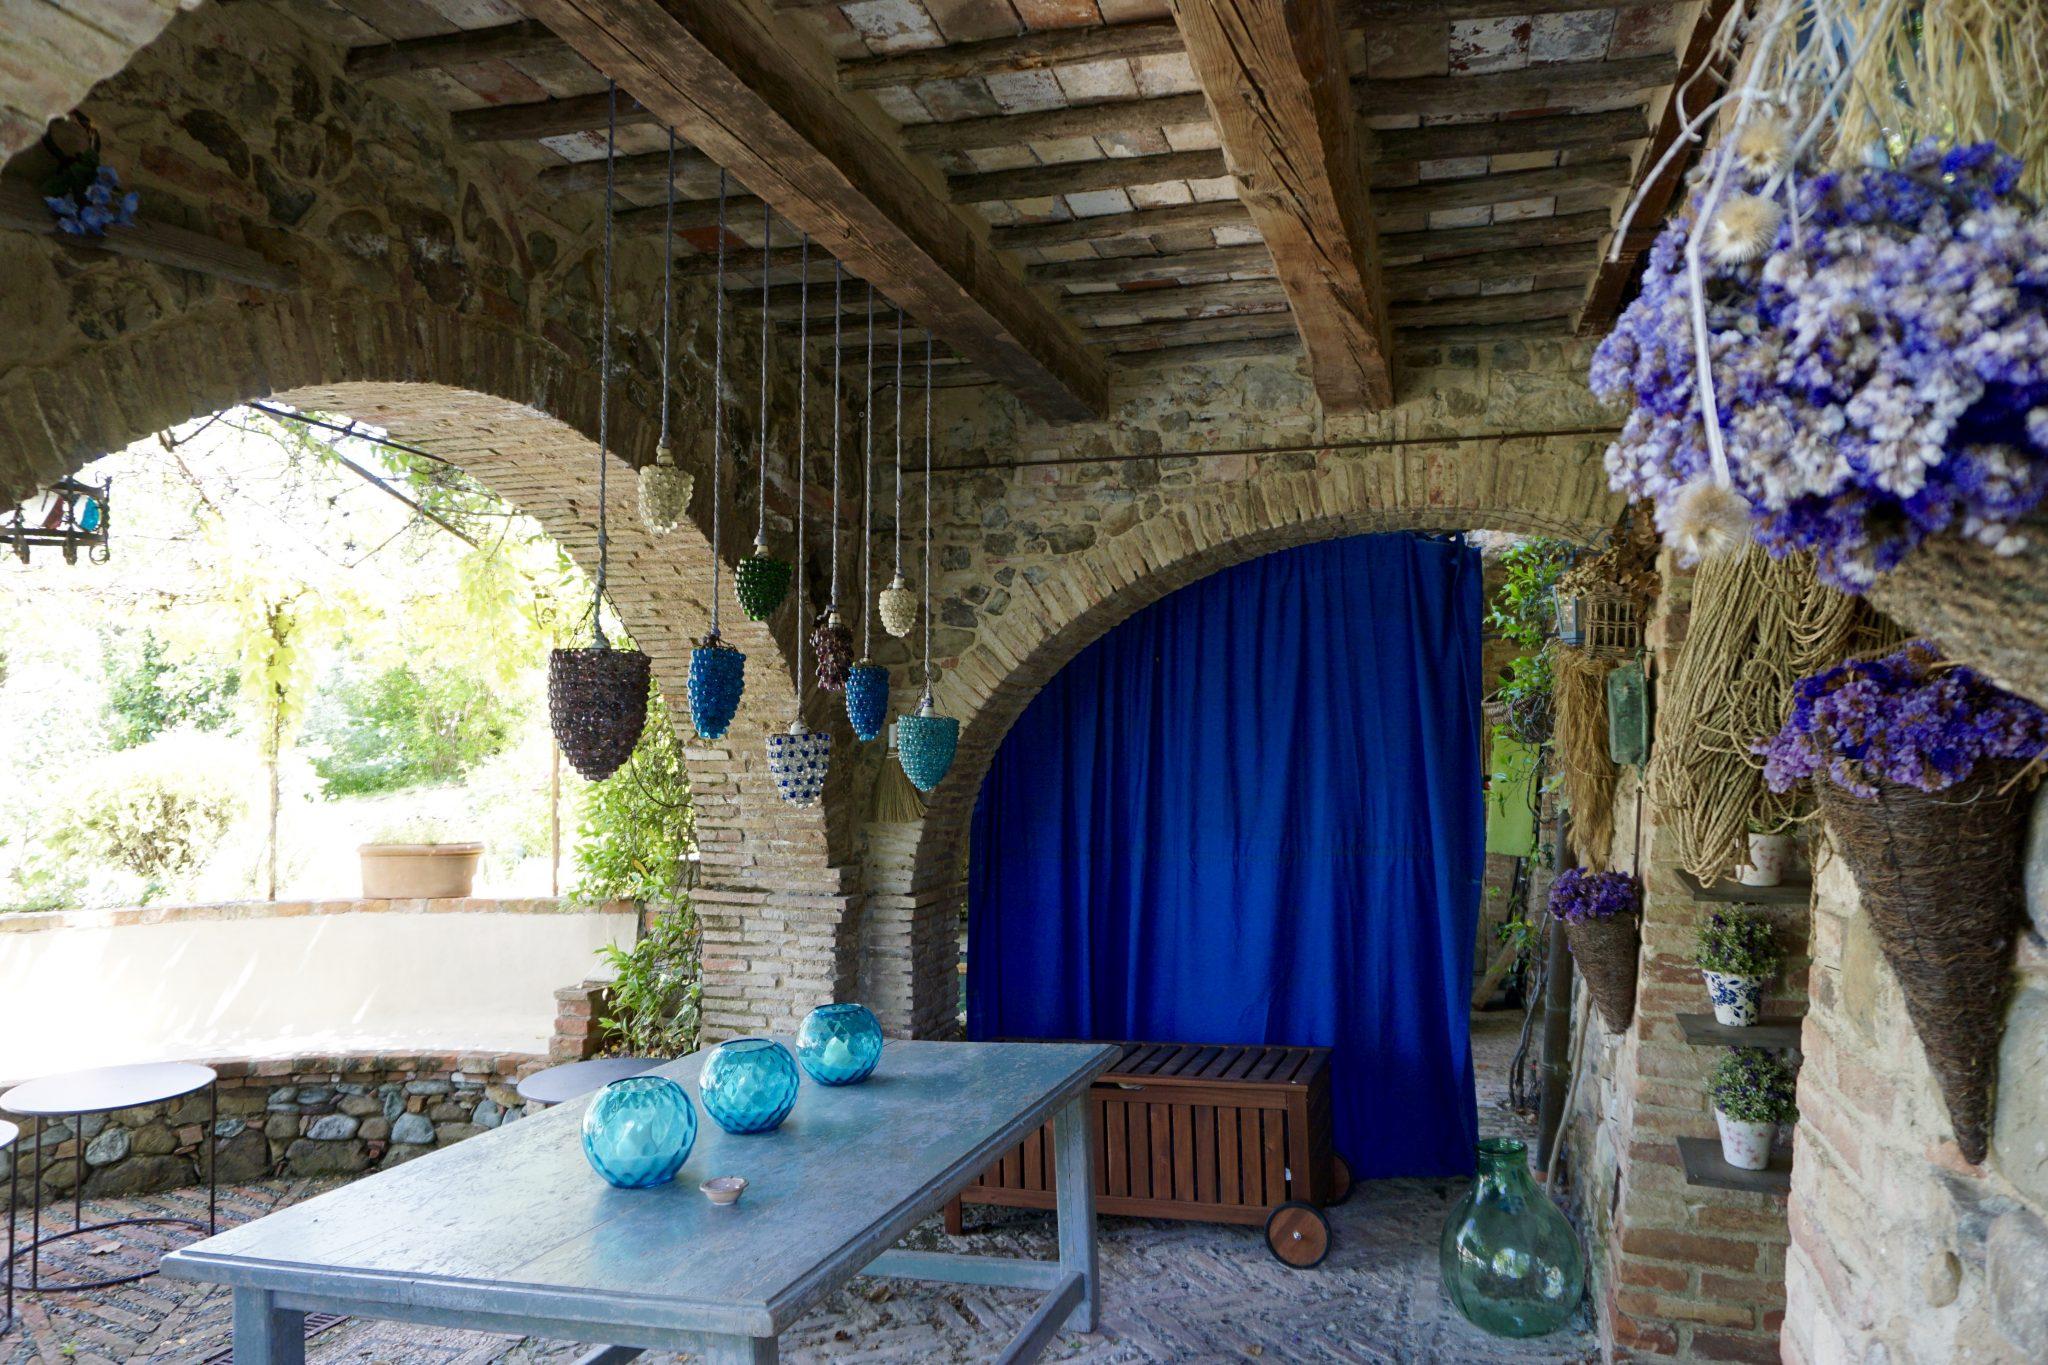 tuscan villa farmhouse, tuscany, italy